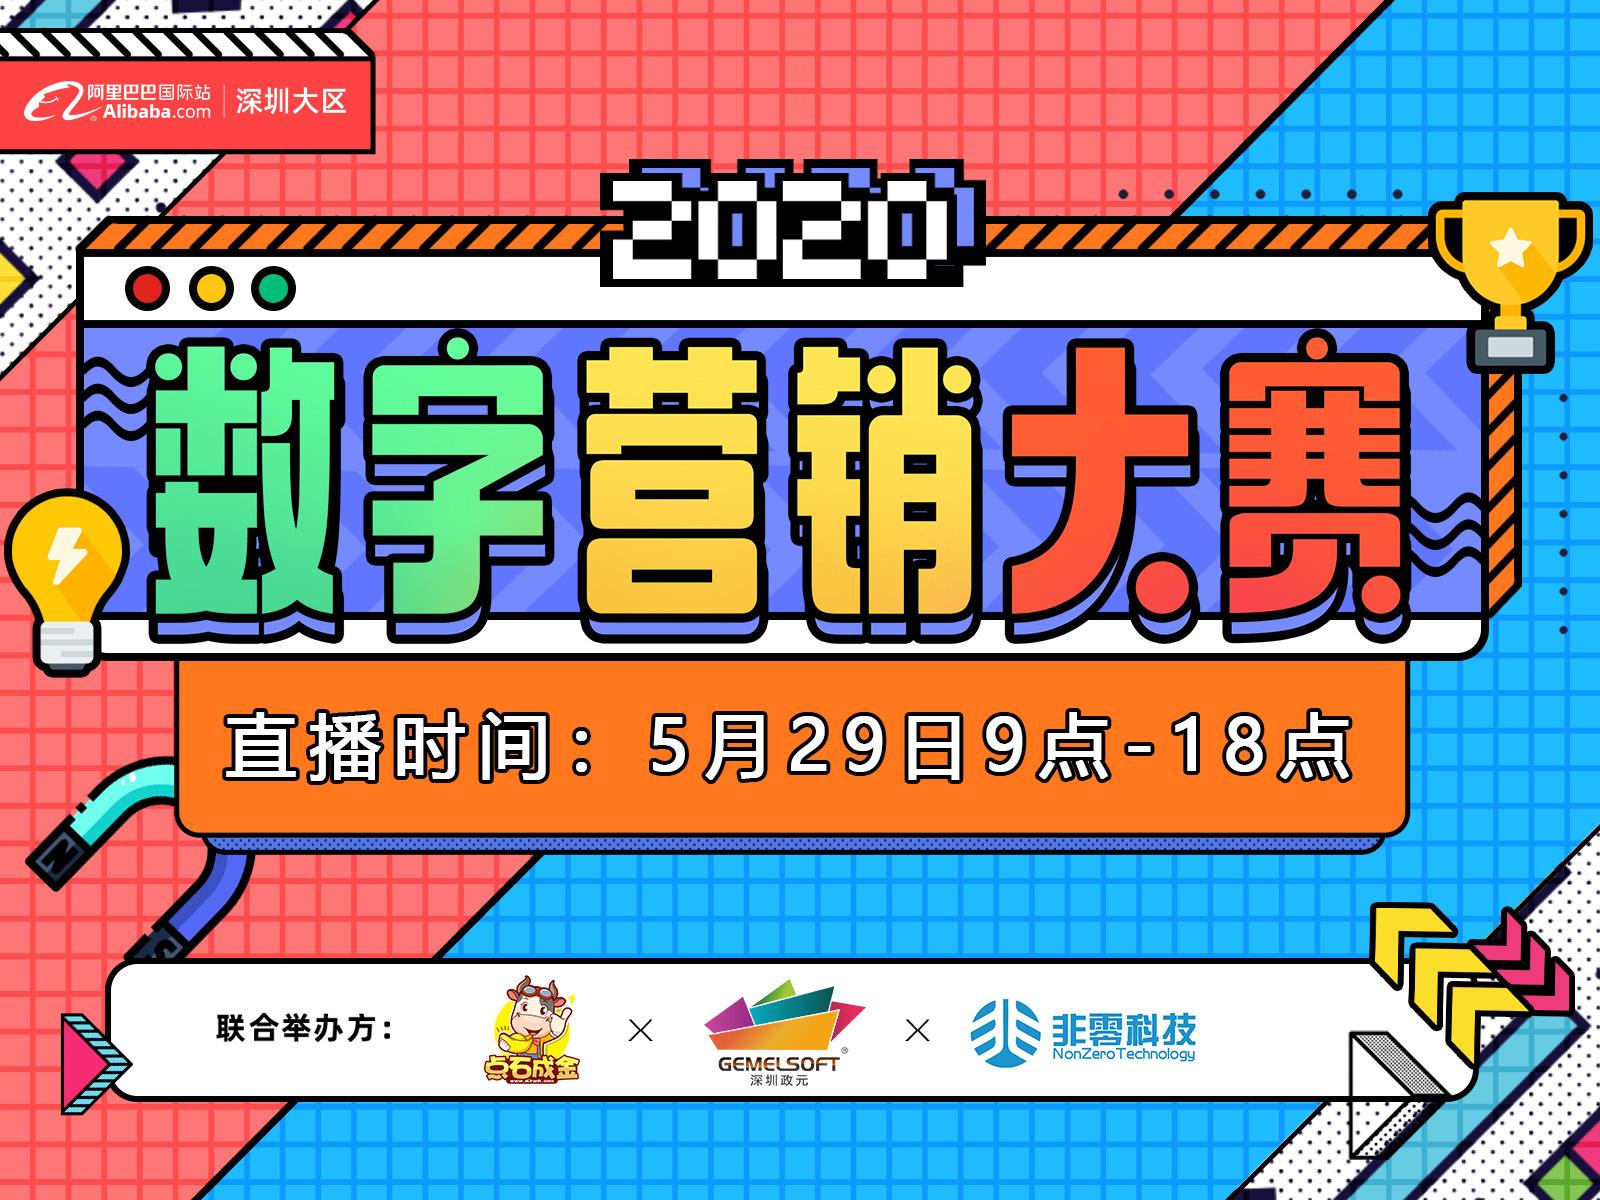 阿里巴巴国际站深圳大区《数字营销大赛》莞城莞东区域决赛